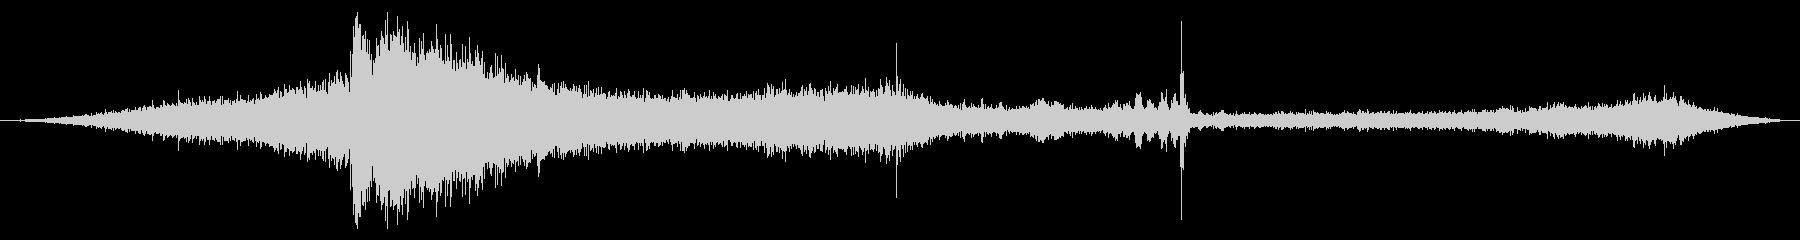 インサイドワゴン0-50の未再生の波形